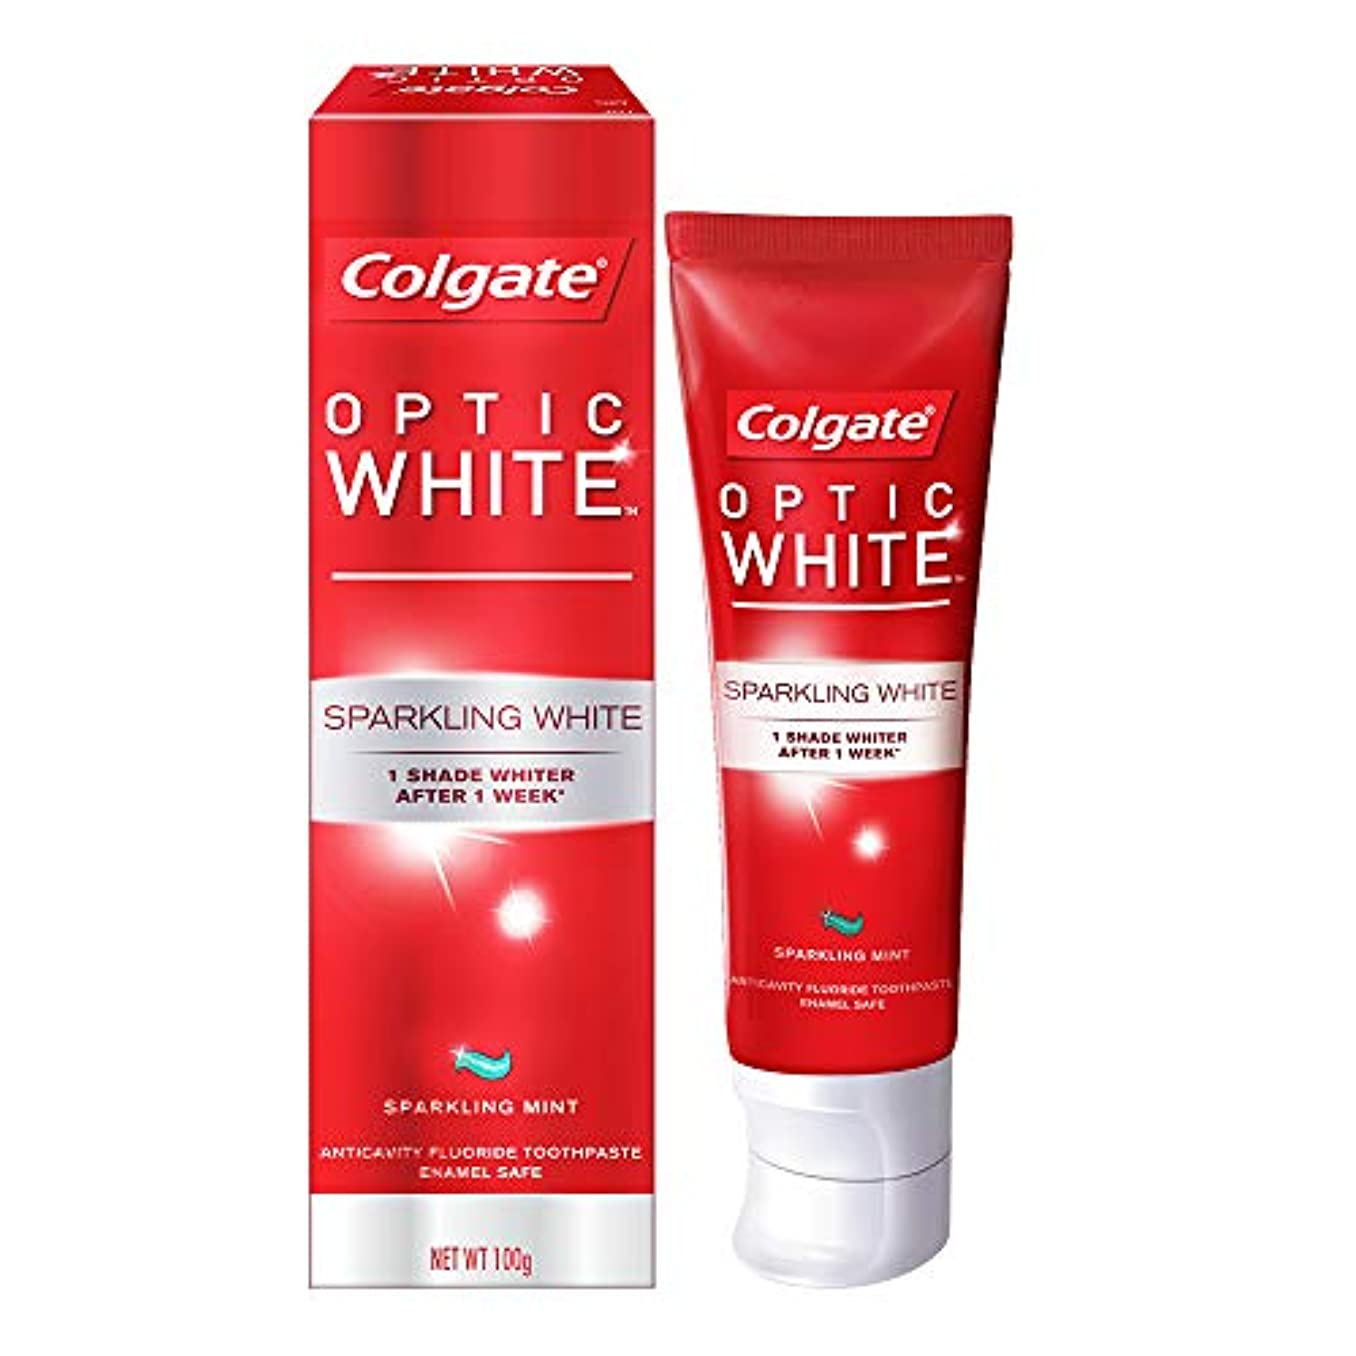 ダイアクリティカルナイロン名門コールゲート オプティック ホワイト スパークリングシャイン 100g 歯磨き粉 Colgate Optic White Sparkling Shine 100g Tooth Paste